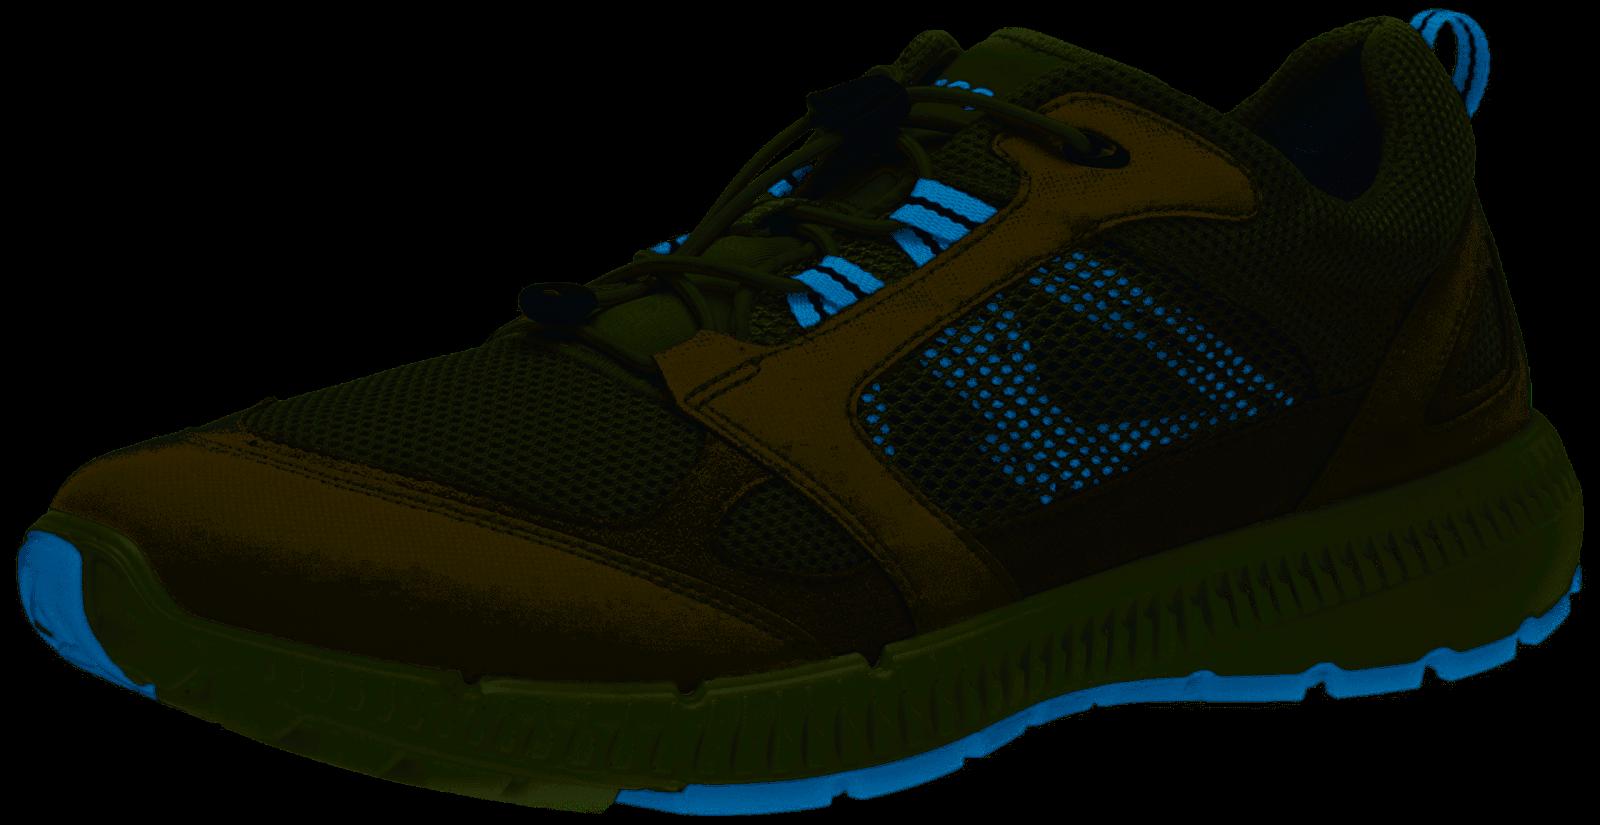 Ecco Terracruise II Zapatillas de Moda de Hombre Talla  11-11.5